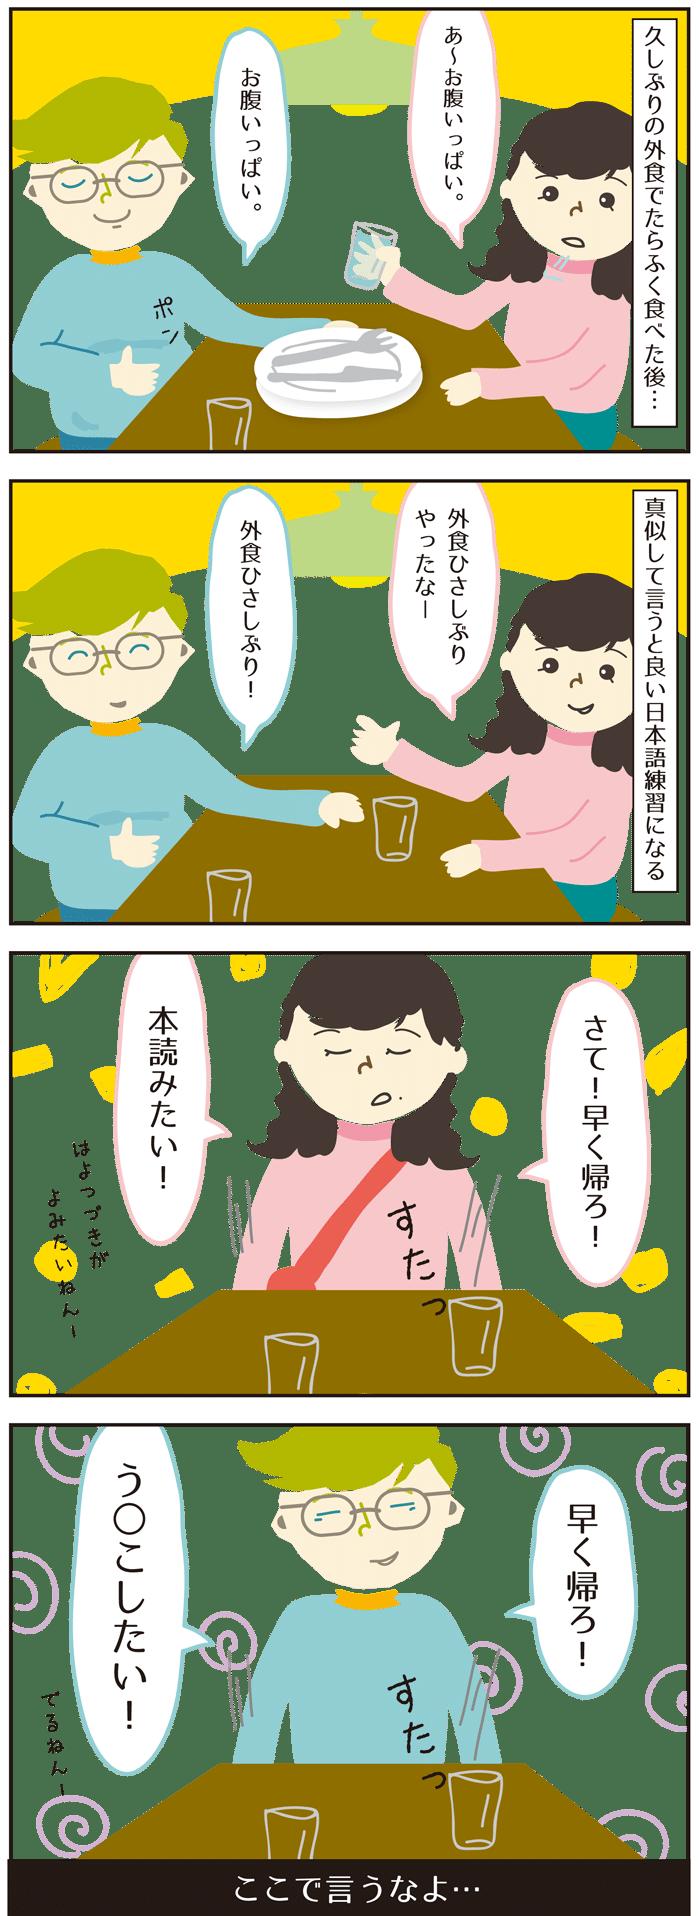 日本語真似3